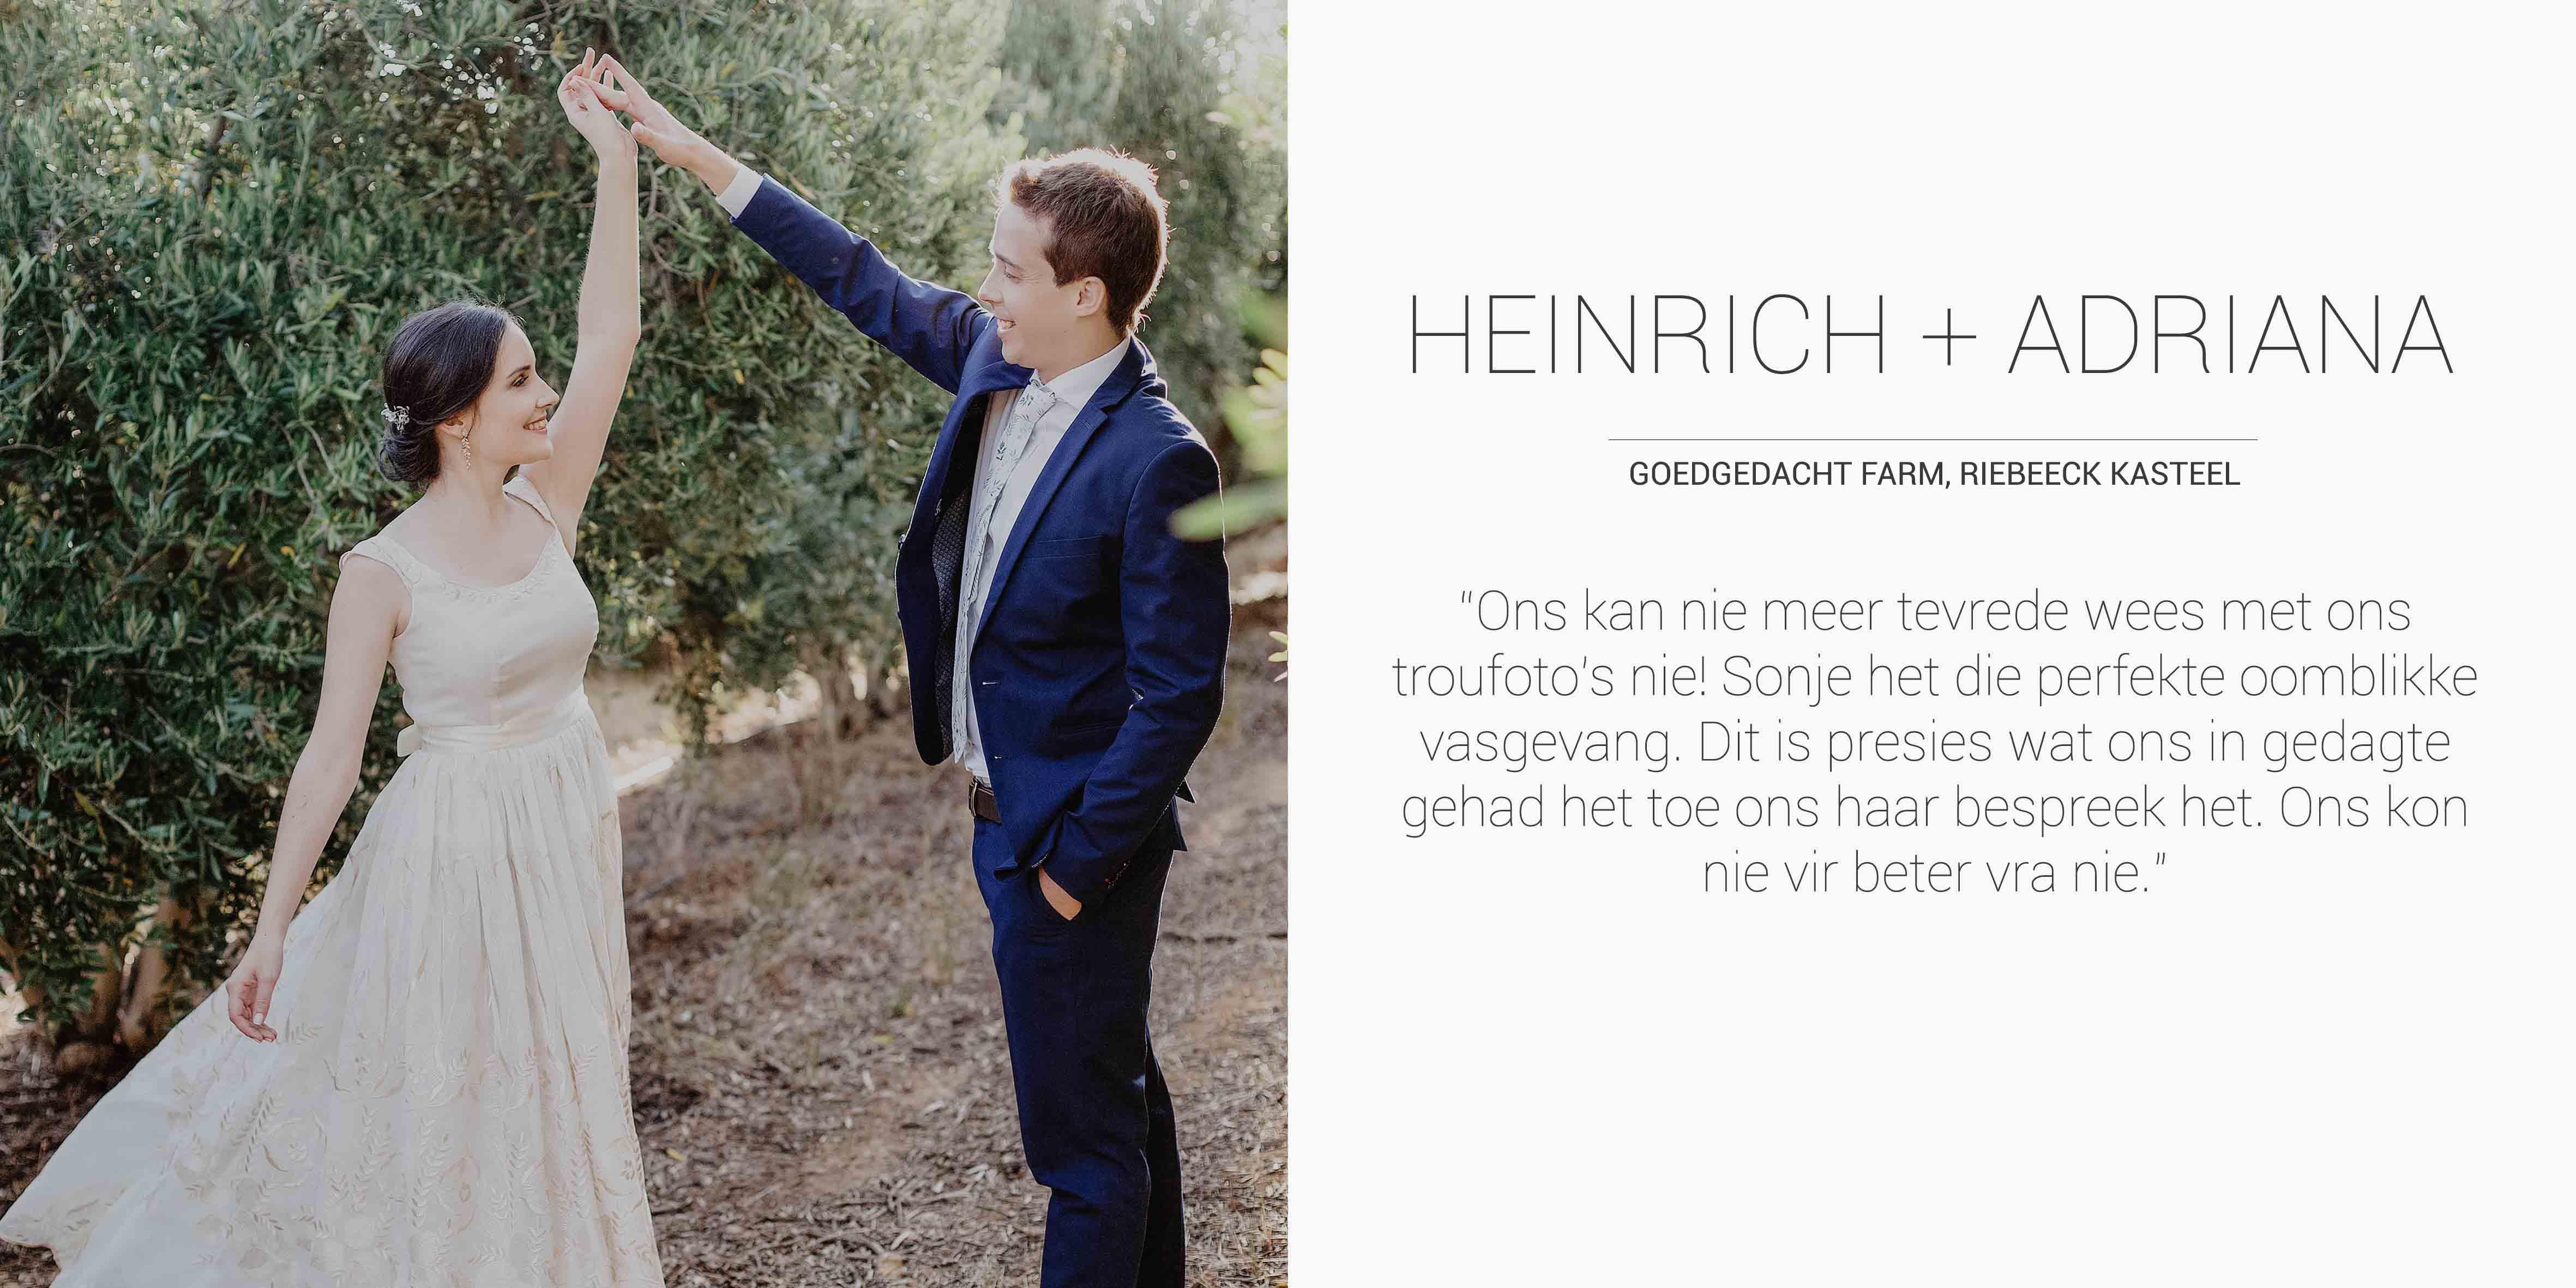 Heinrich + Adriana Desktop Testimonial